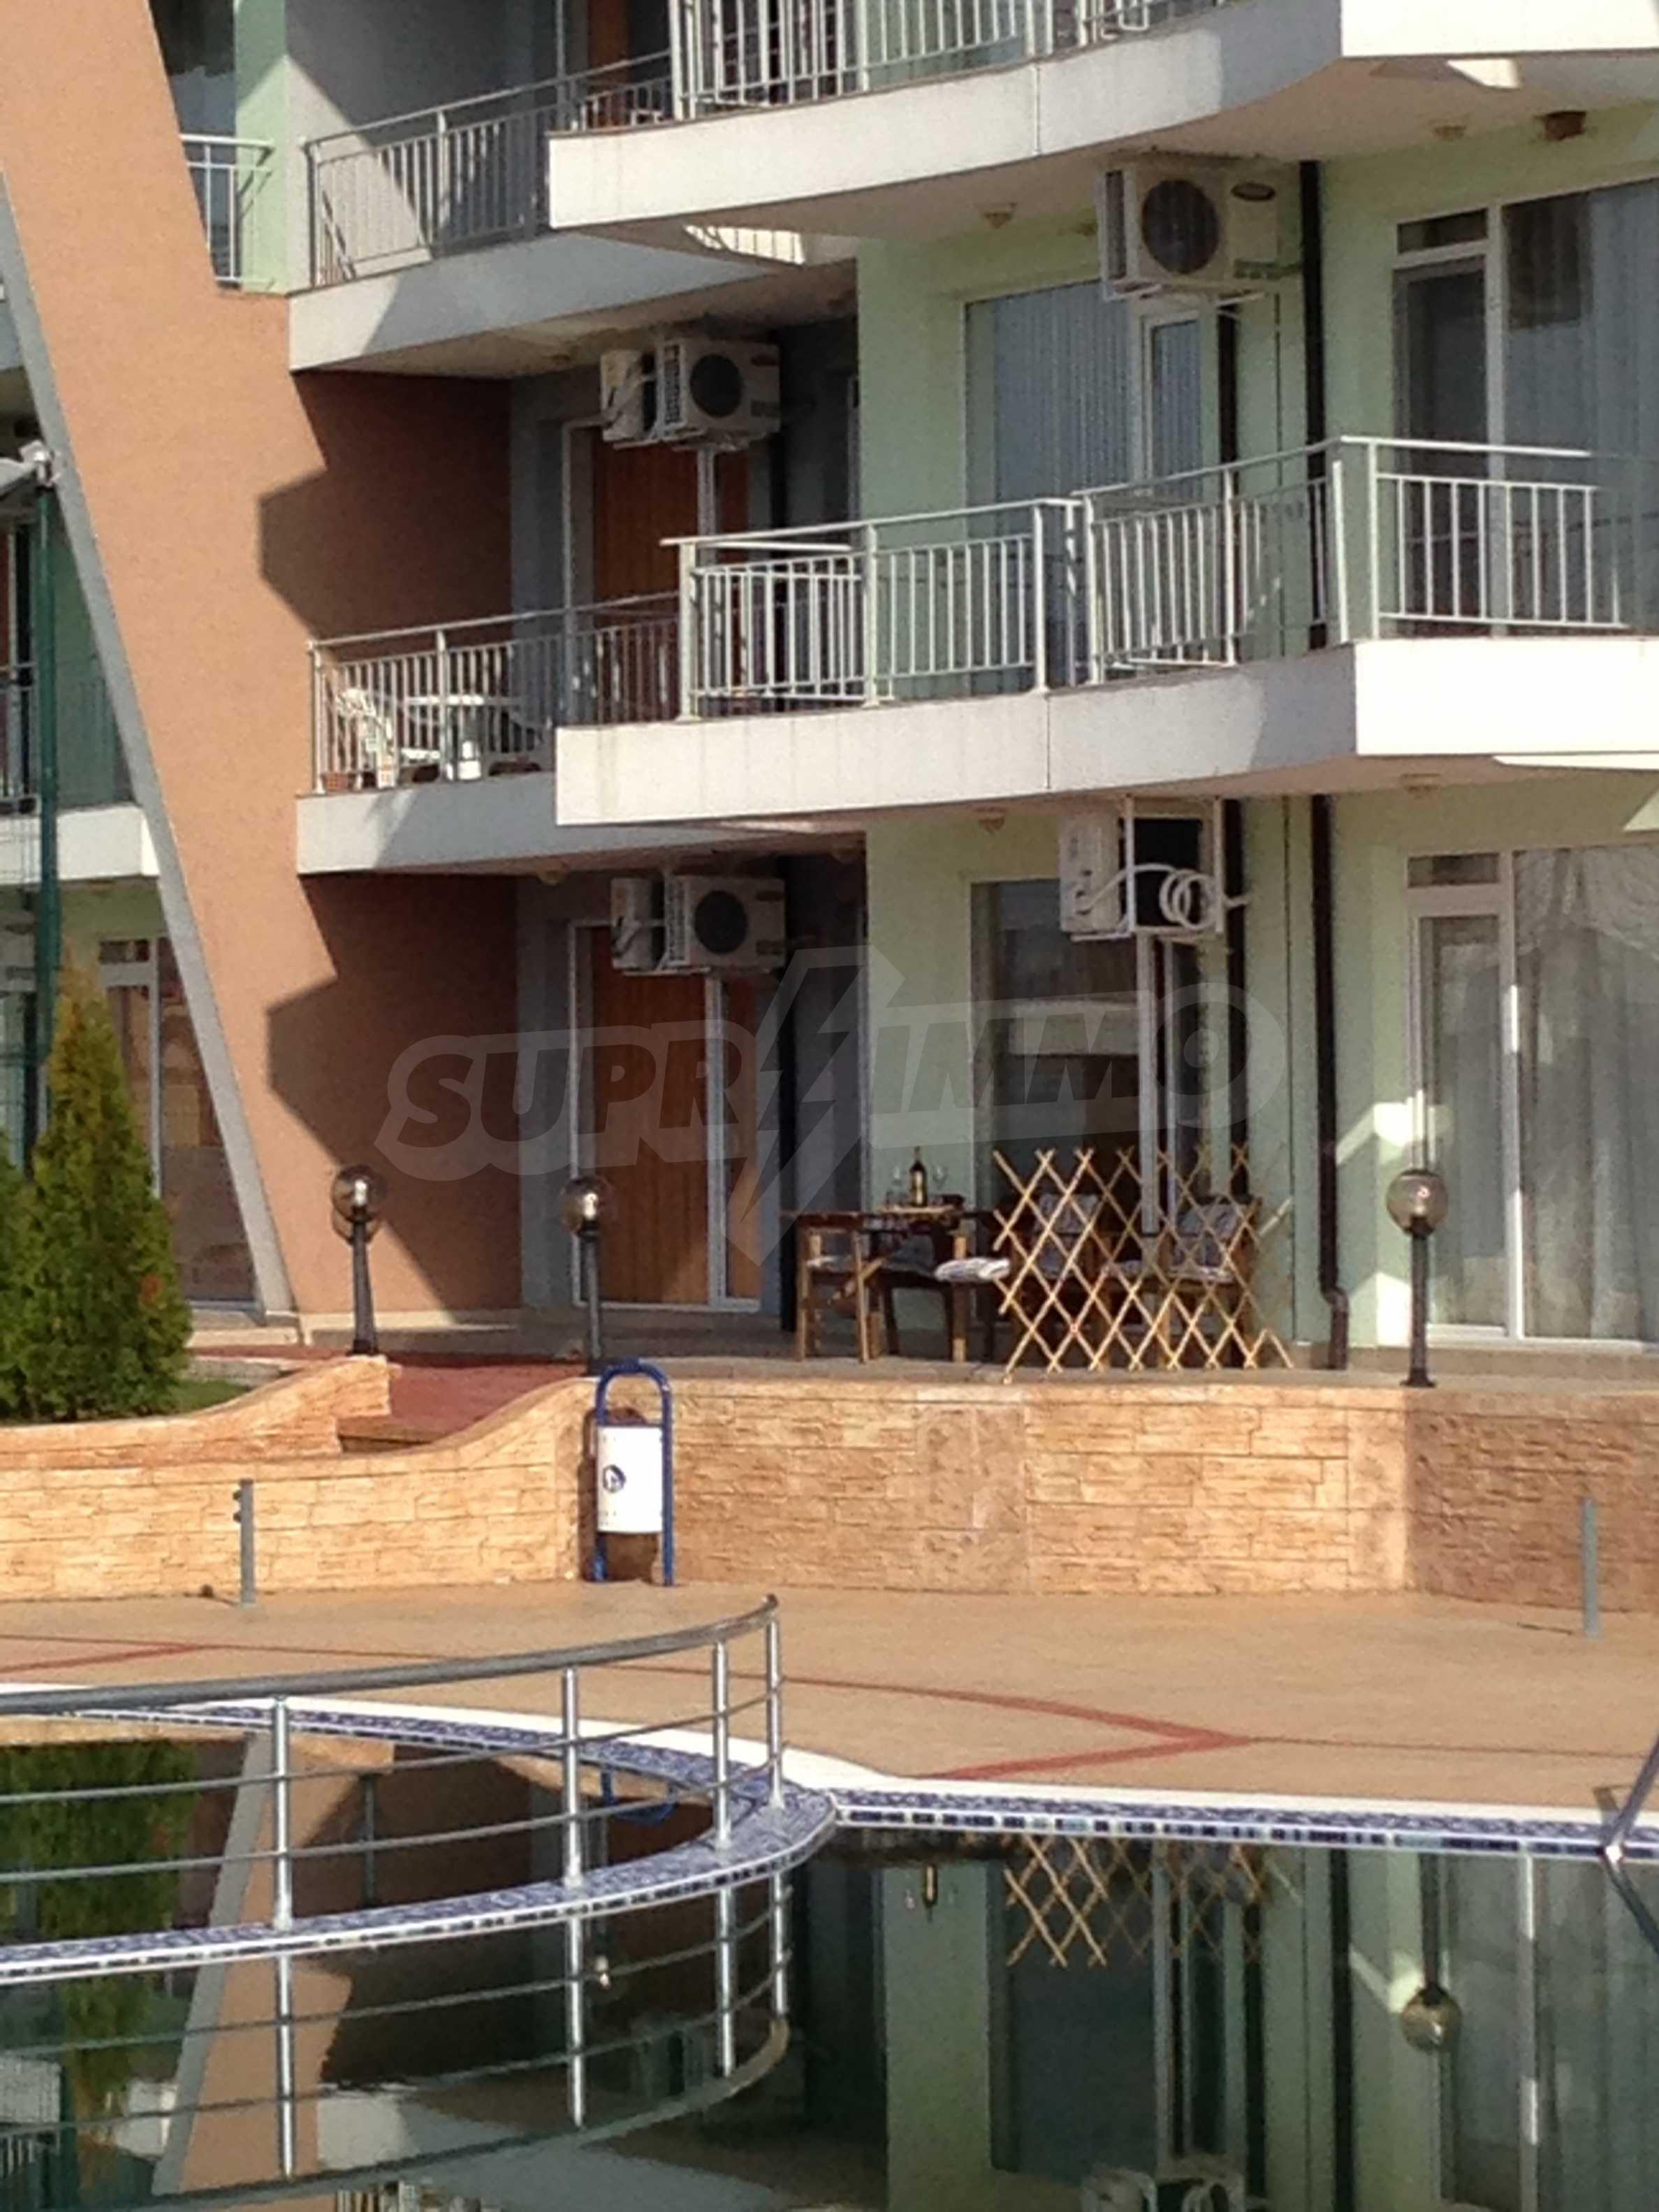 Apartment mit 1 Schlafzimmer in der Nähe von Sonnenstrand 14